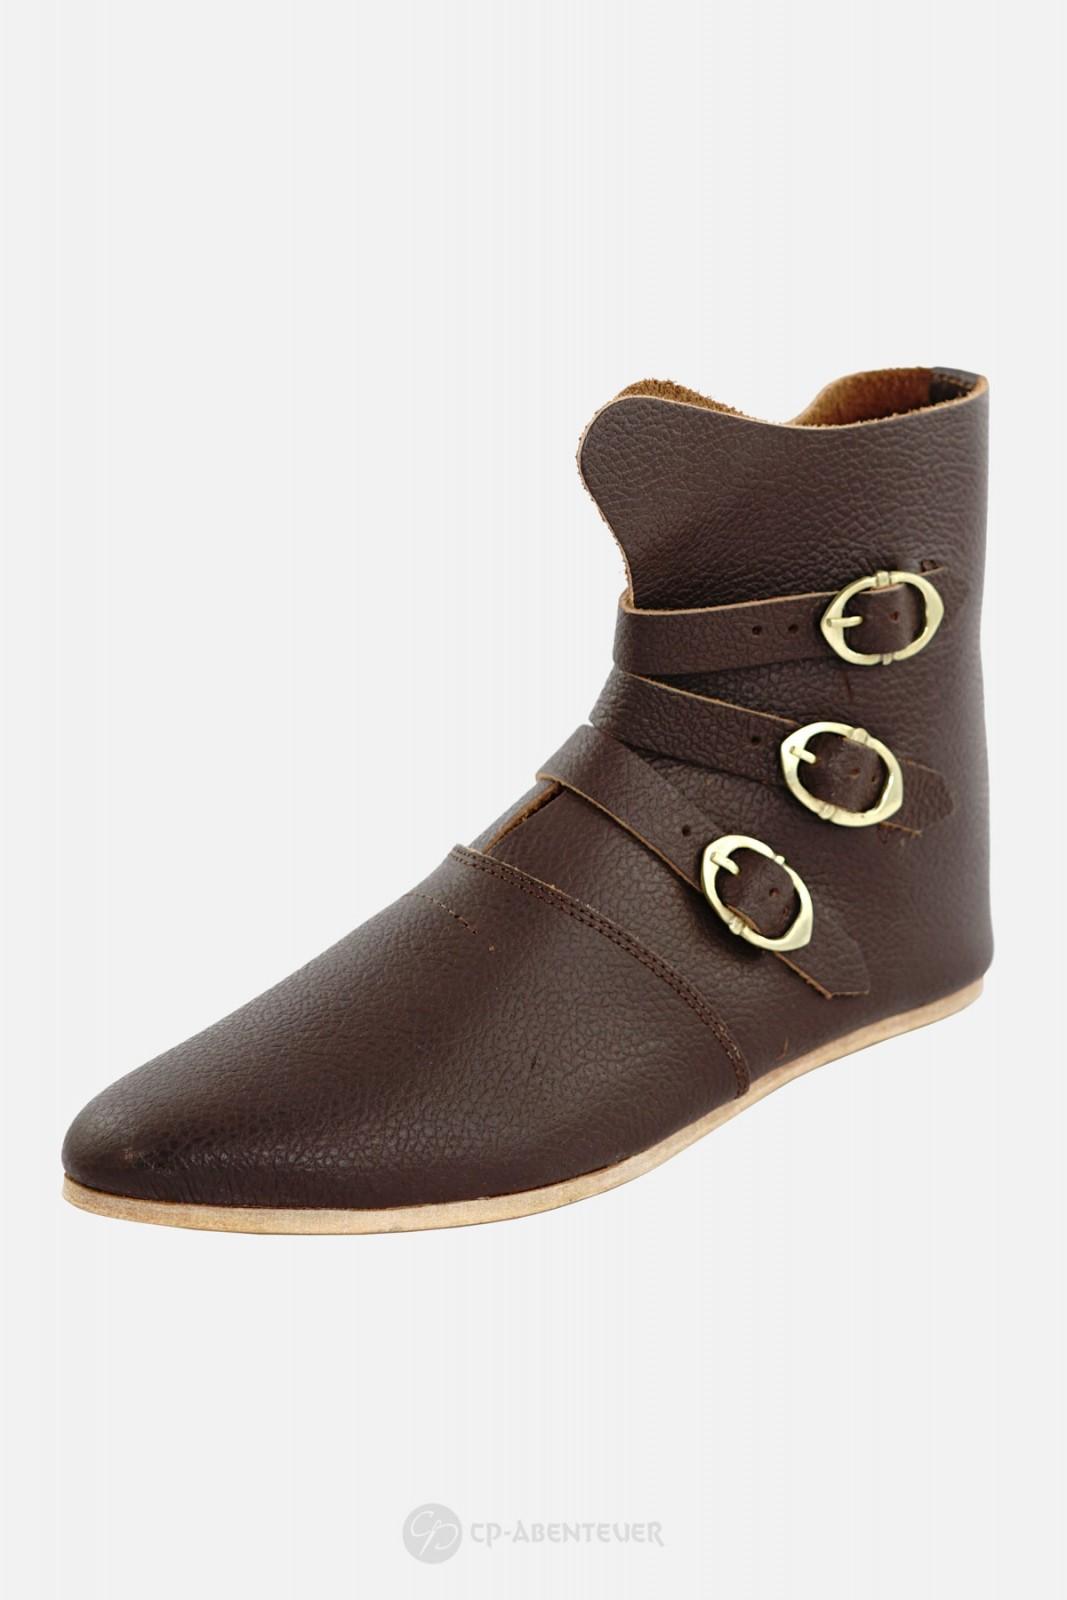 Ullrich - Schuhe